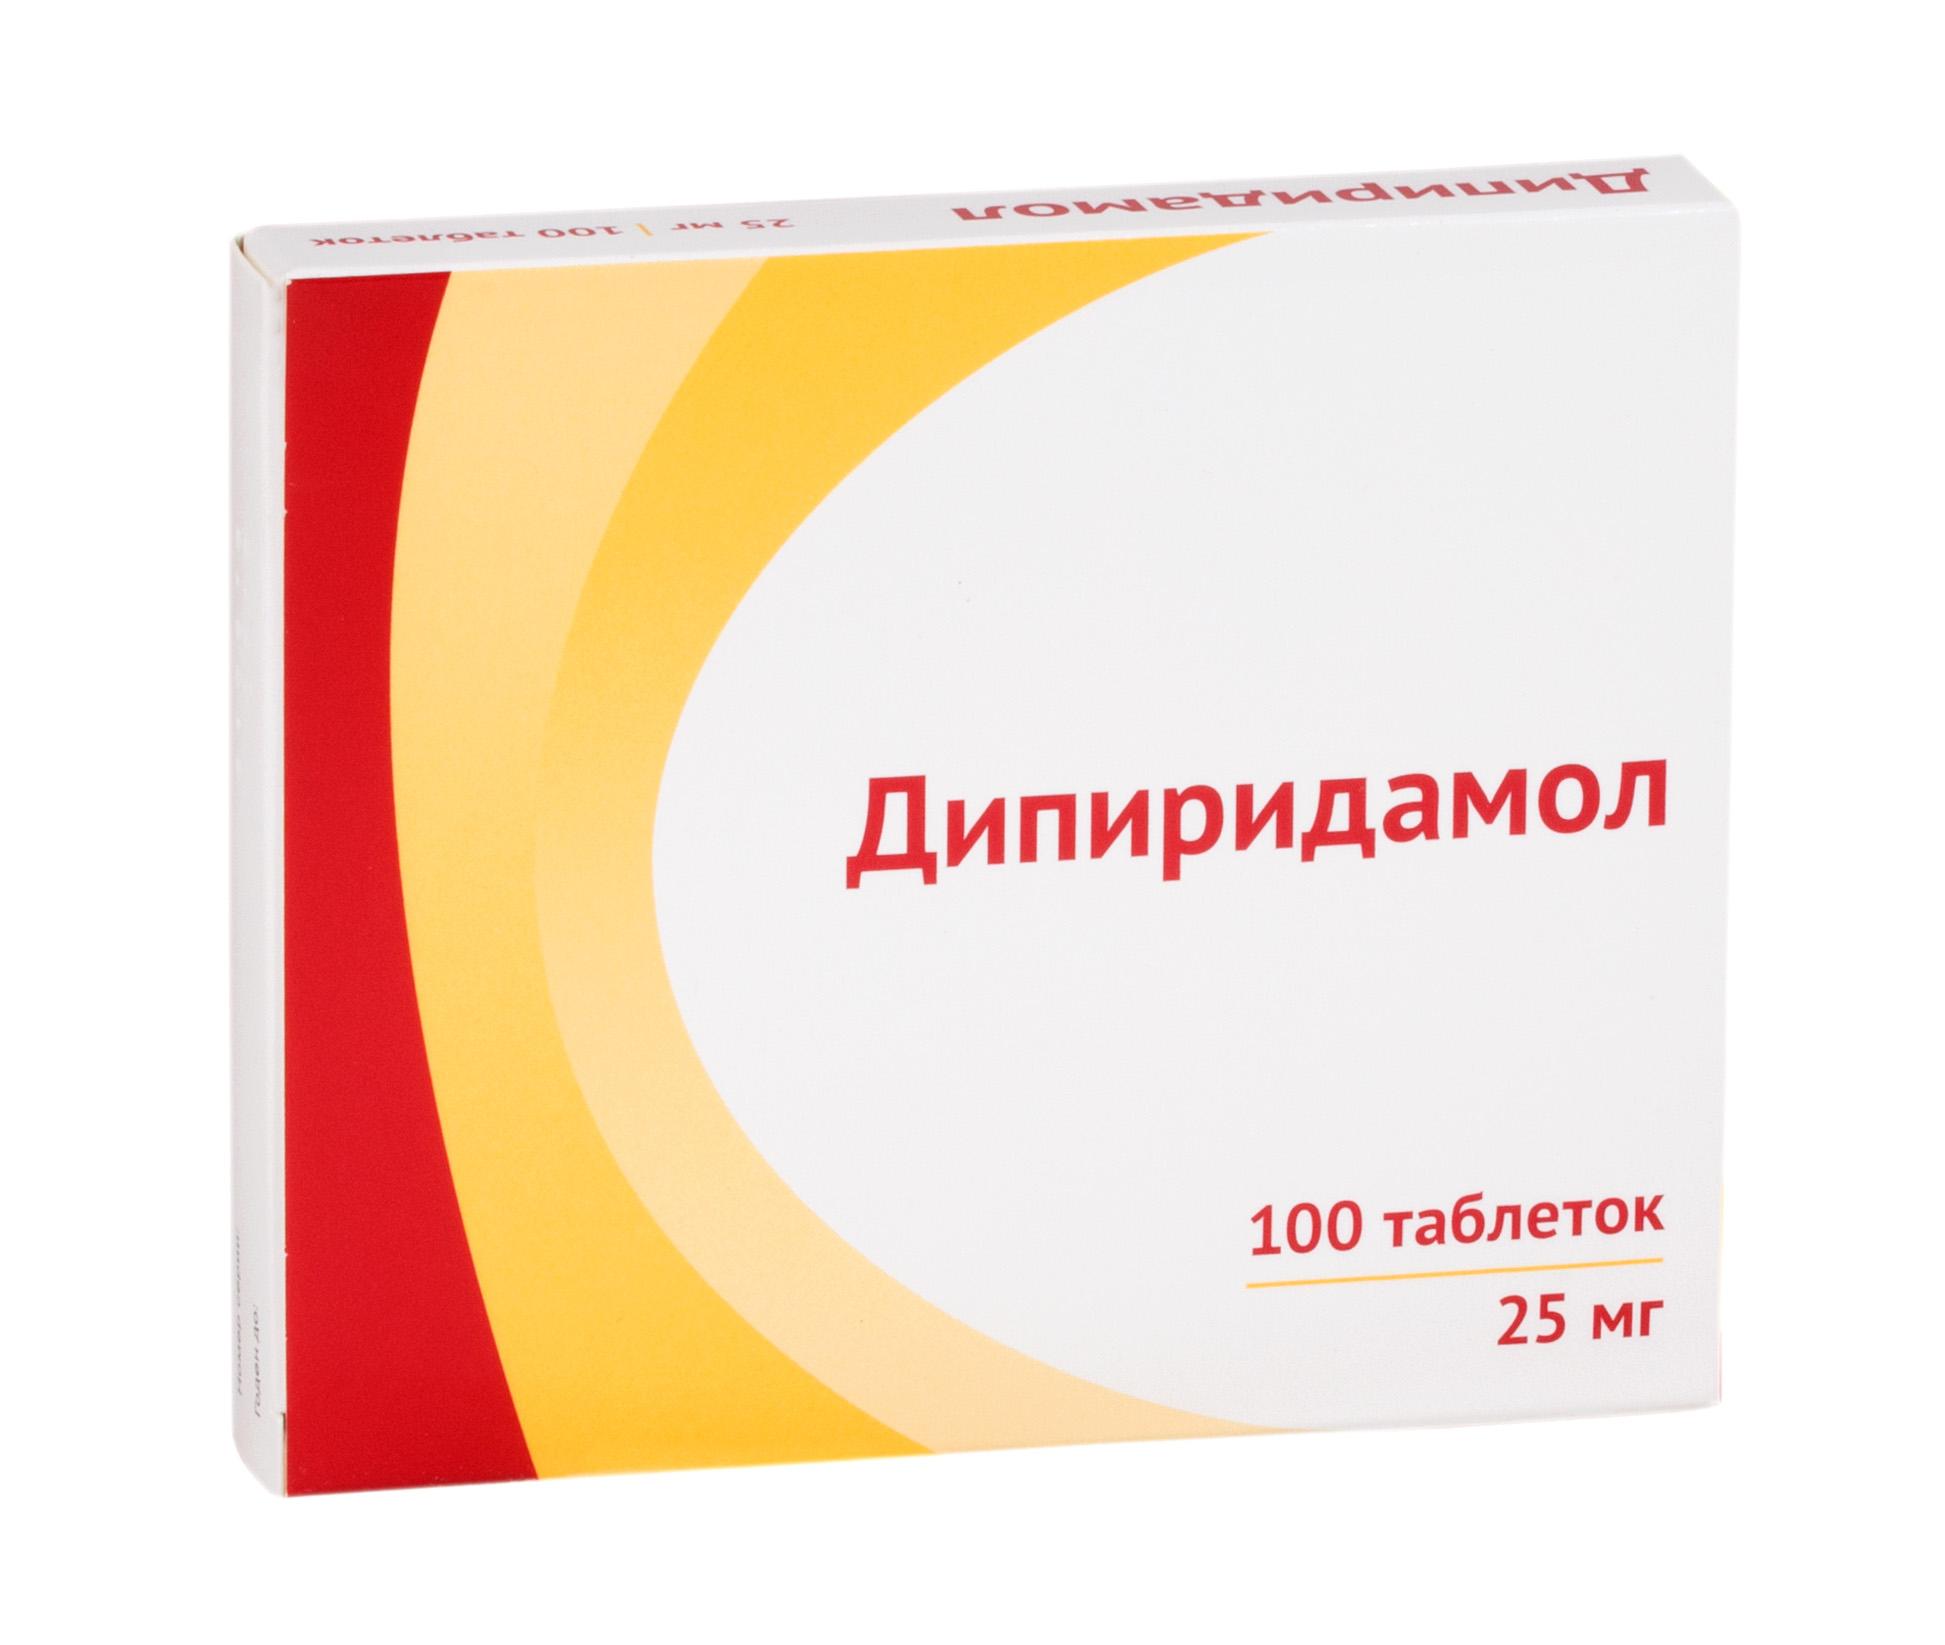 Дипиридамол табл. п.п.о. 25 мг №100